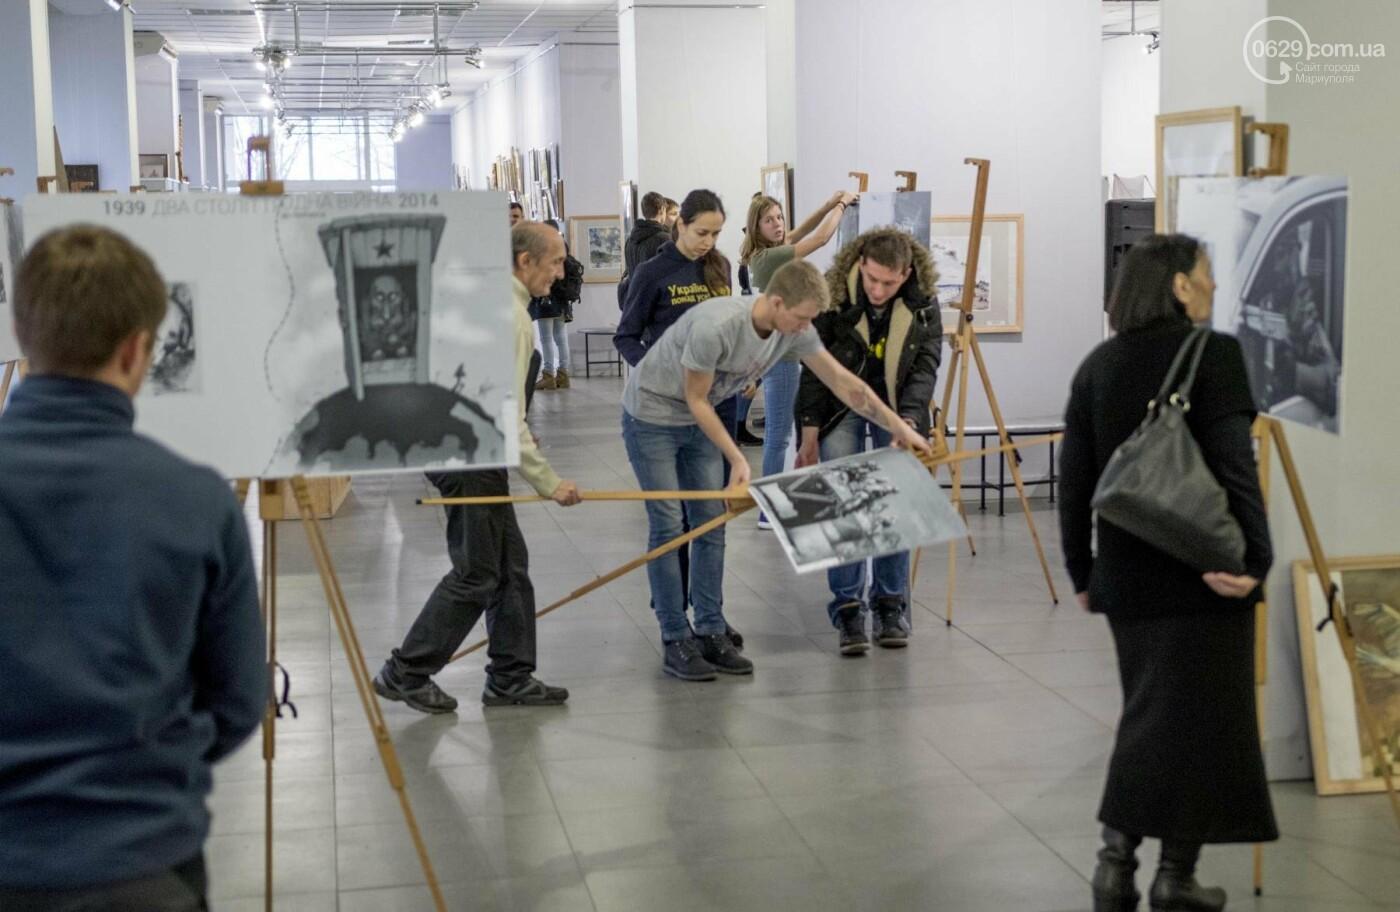 Фотовыставка «Два столетия, одна война»: в Мариуполе провели параллель между войной на Донбассе и борьбой УПА (ФОТО, ВИДЕО), фото-6